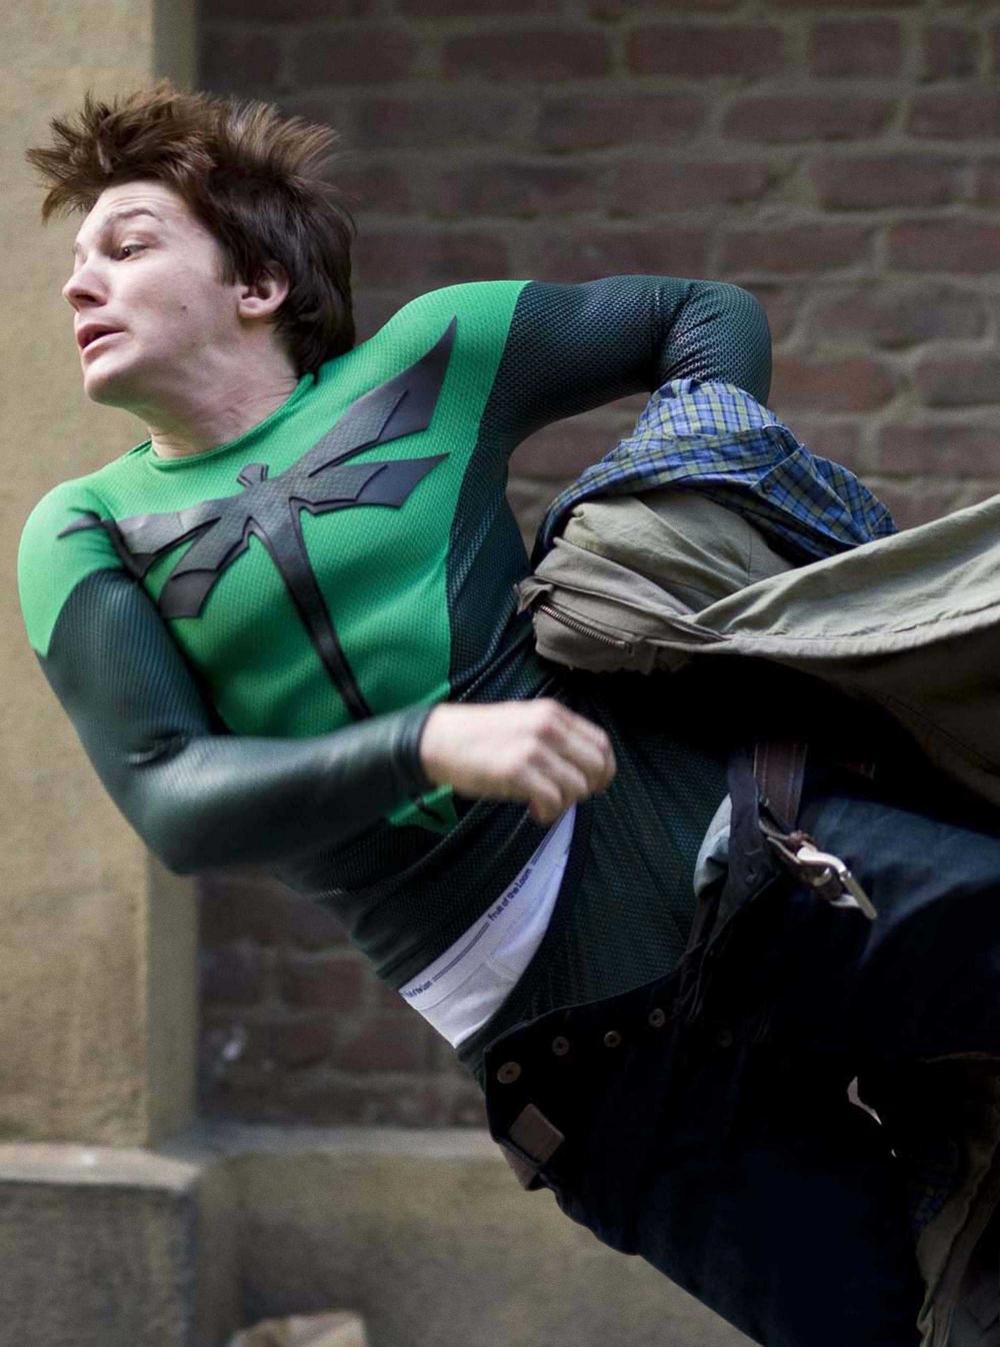 кадры из фильма Супергеройское кино